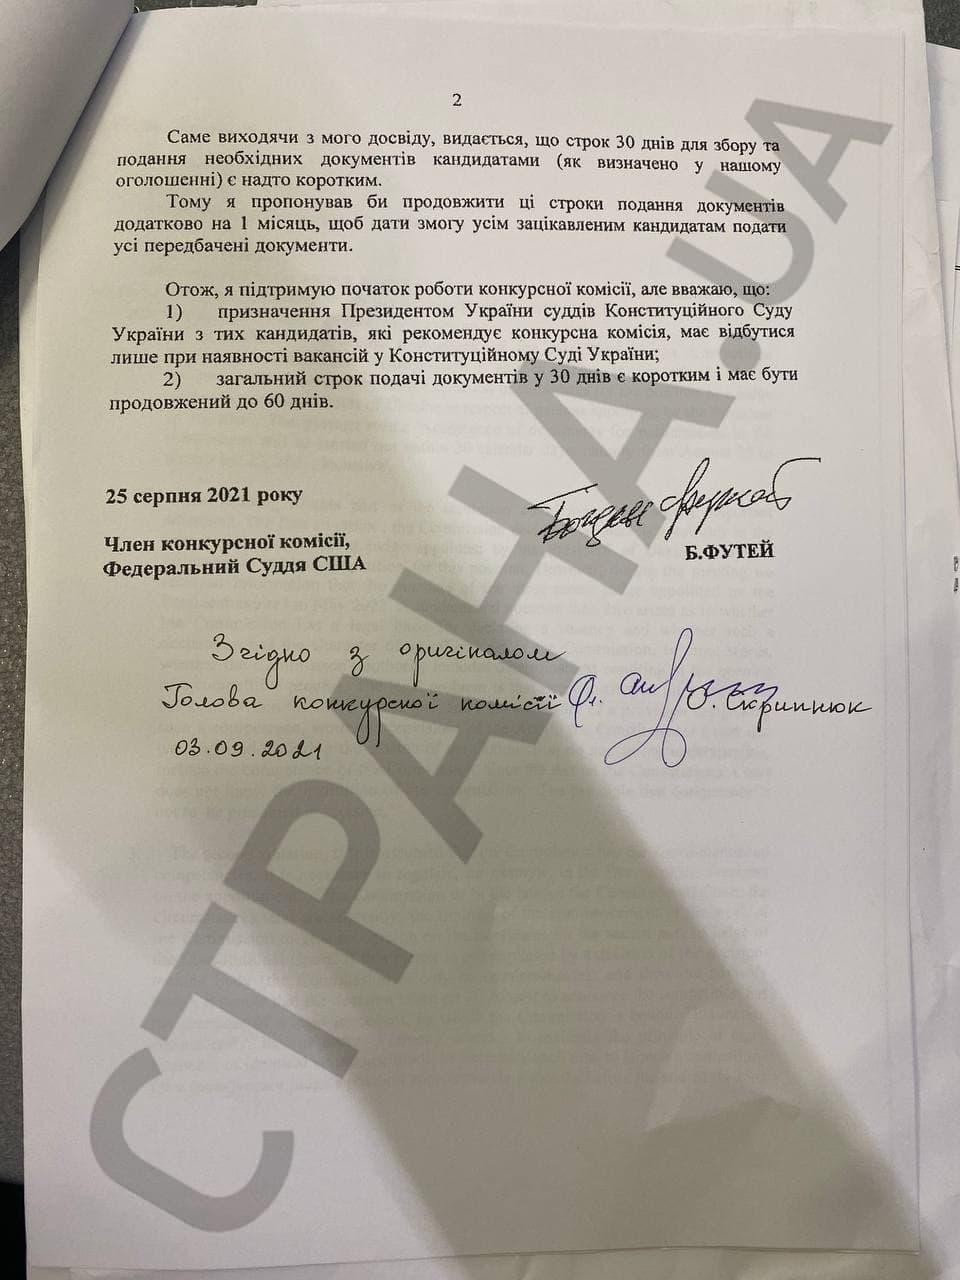 Член конкурсной комиссии заявил о незаконности объявления отбора кандидатов в судьи КСУ